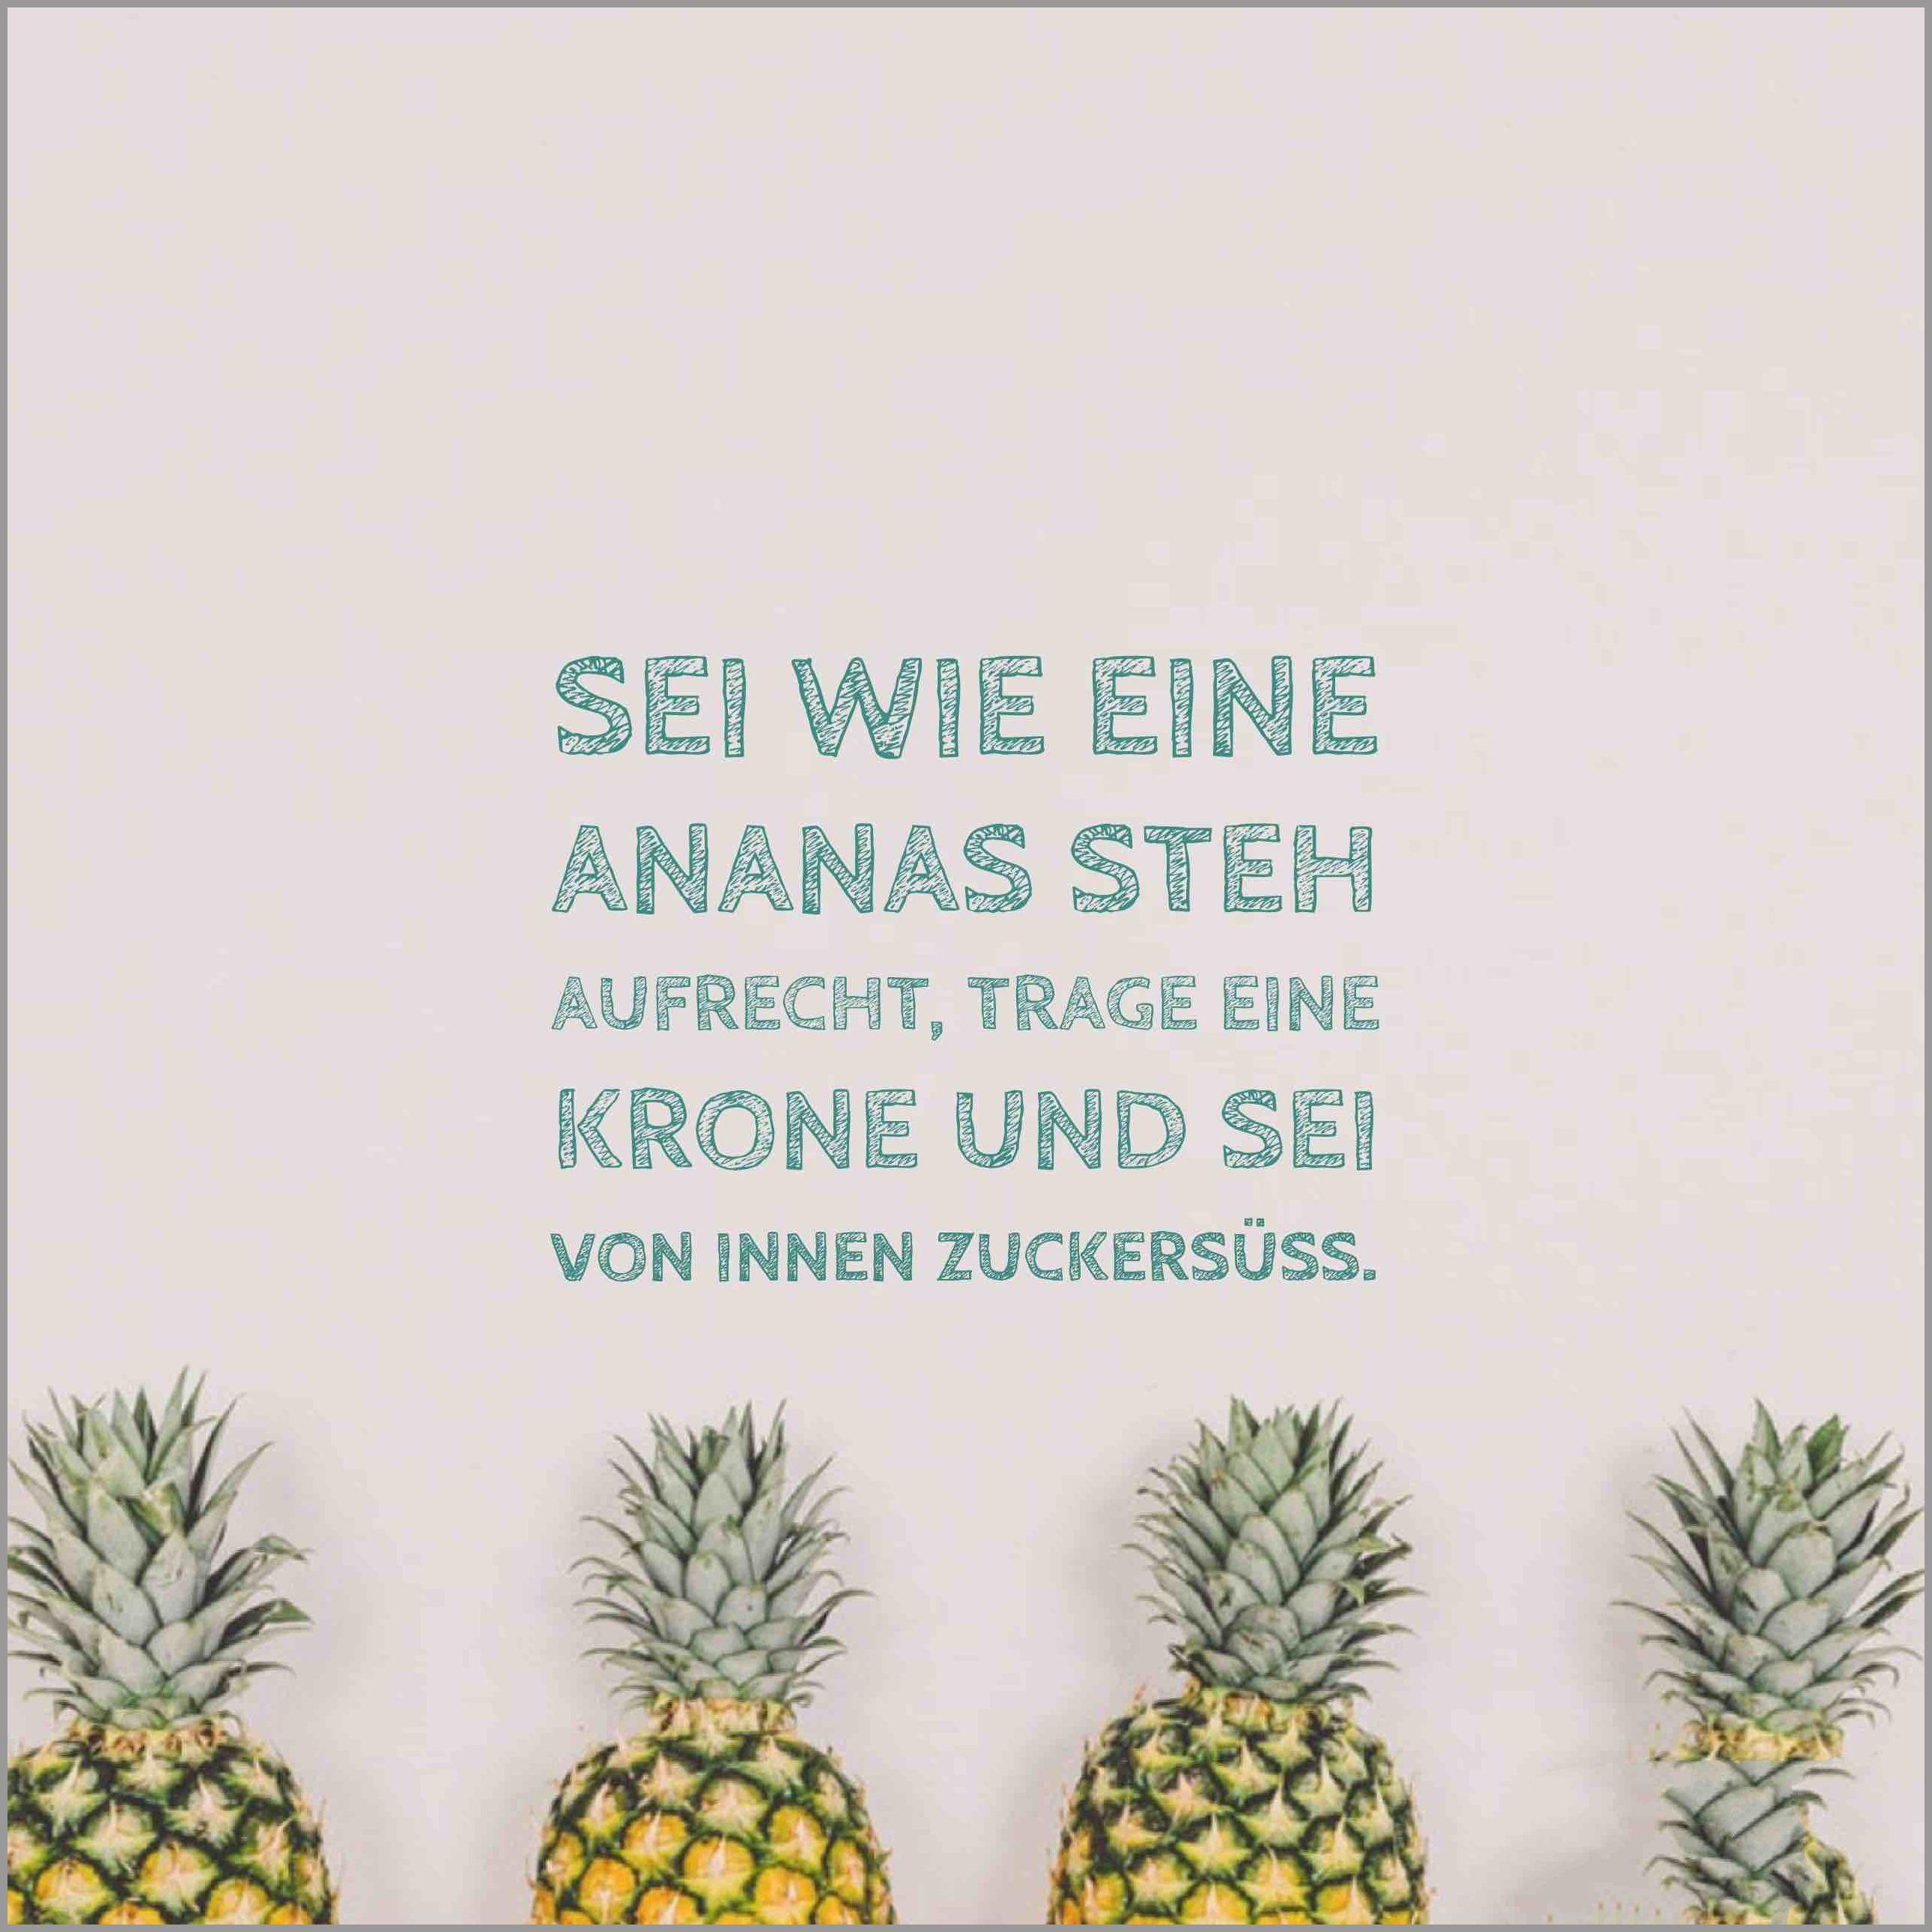 Sei wie eine ananas steh aufrecht trage eine krone und sei von innen zuckersuess - Sei wie eine ananas steh aufrecht trage eine krone und sei von innen zuckersuess